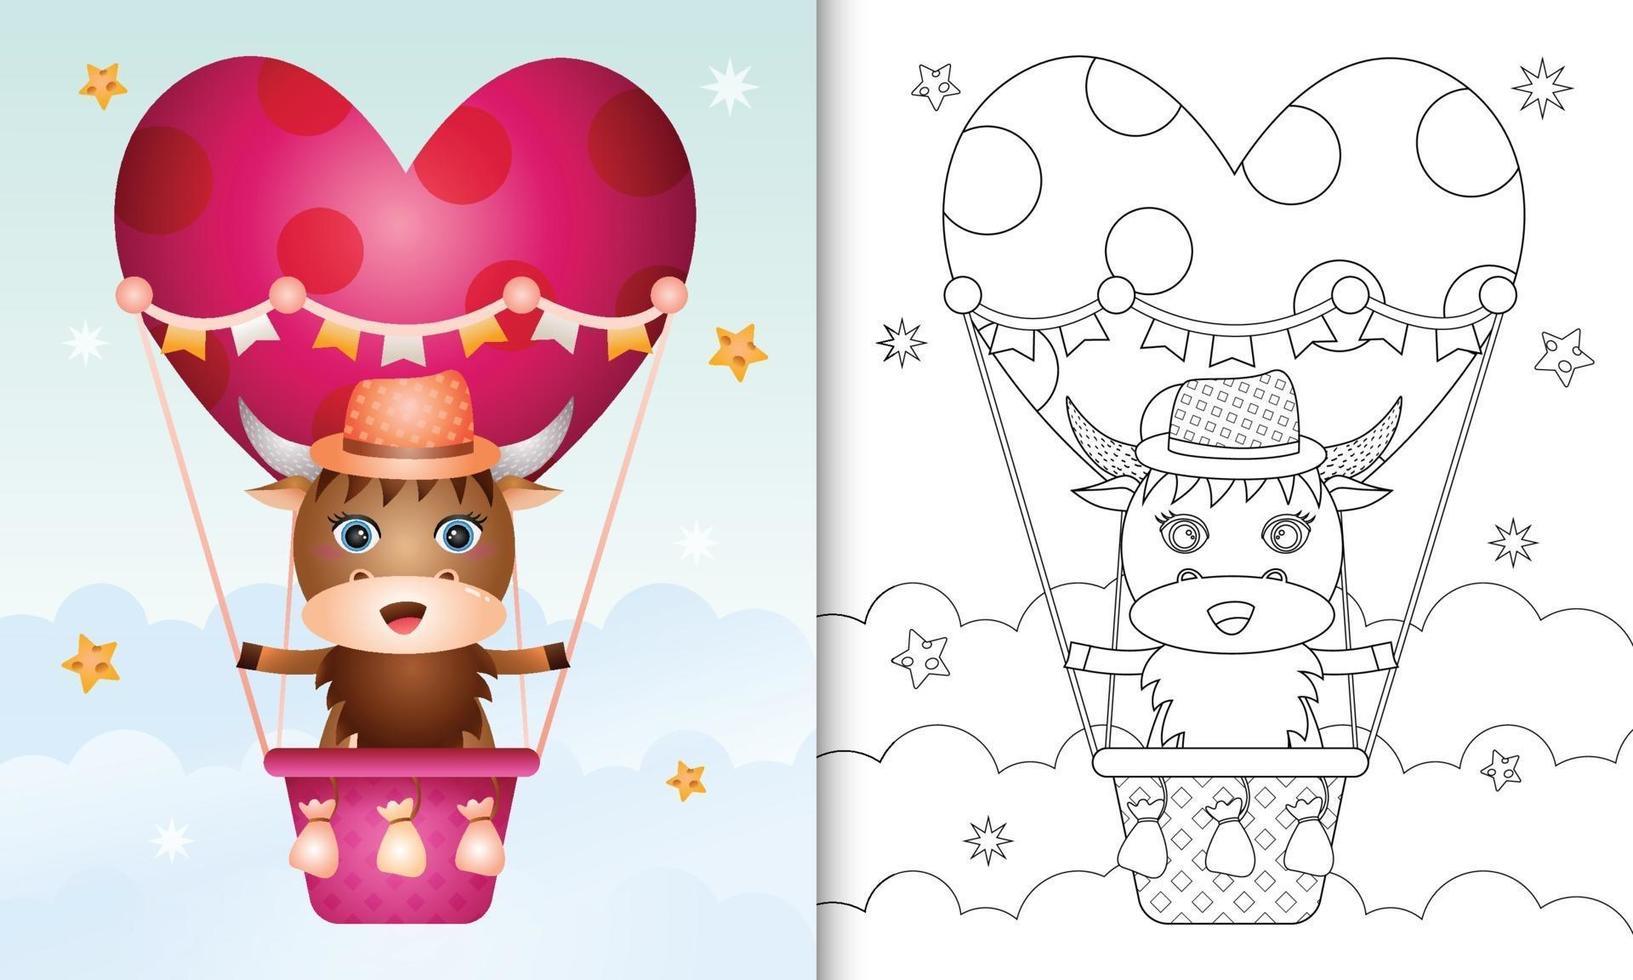 Malbuch für Kinder mit einem niedlichen Büffelmann am Heißluftballon lieben themenorientierten Valentinstag vektor